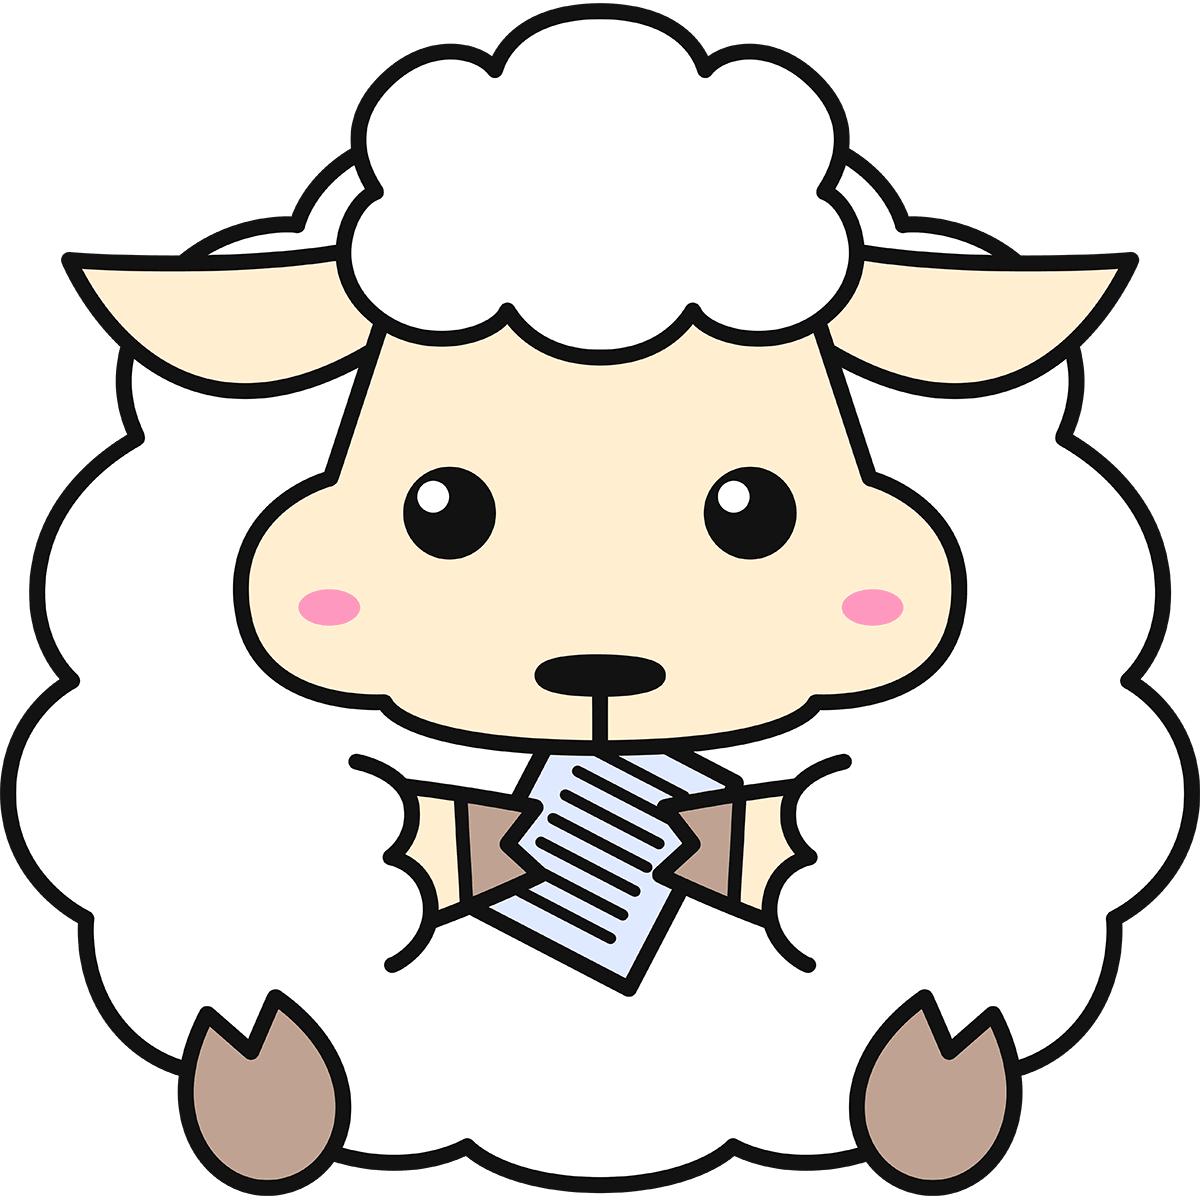 紙を食べる羊(コリデール)の無料イラスト